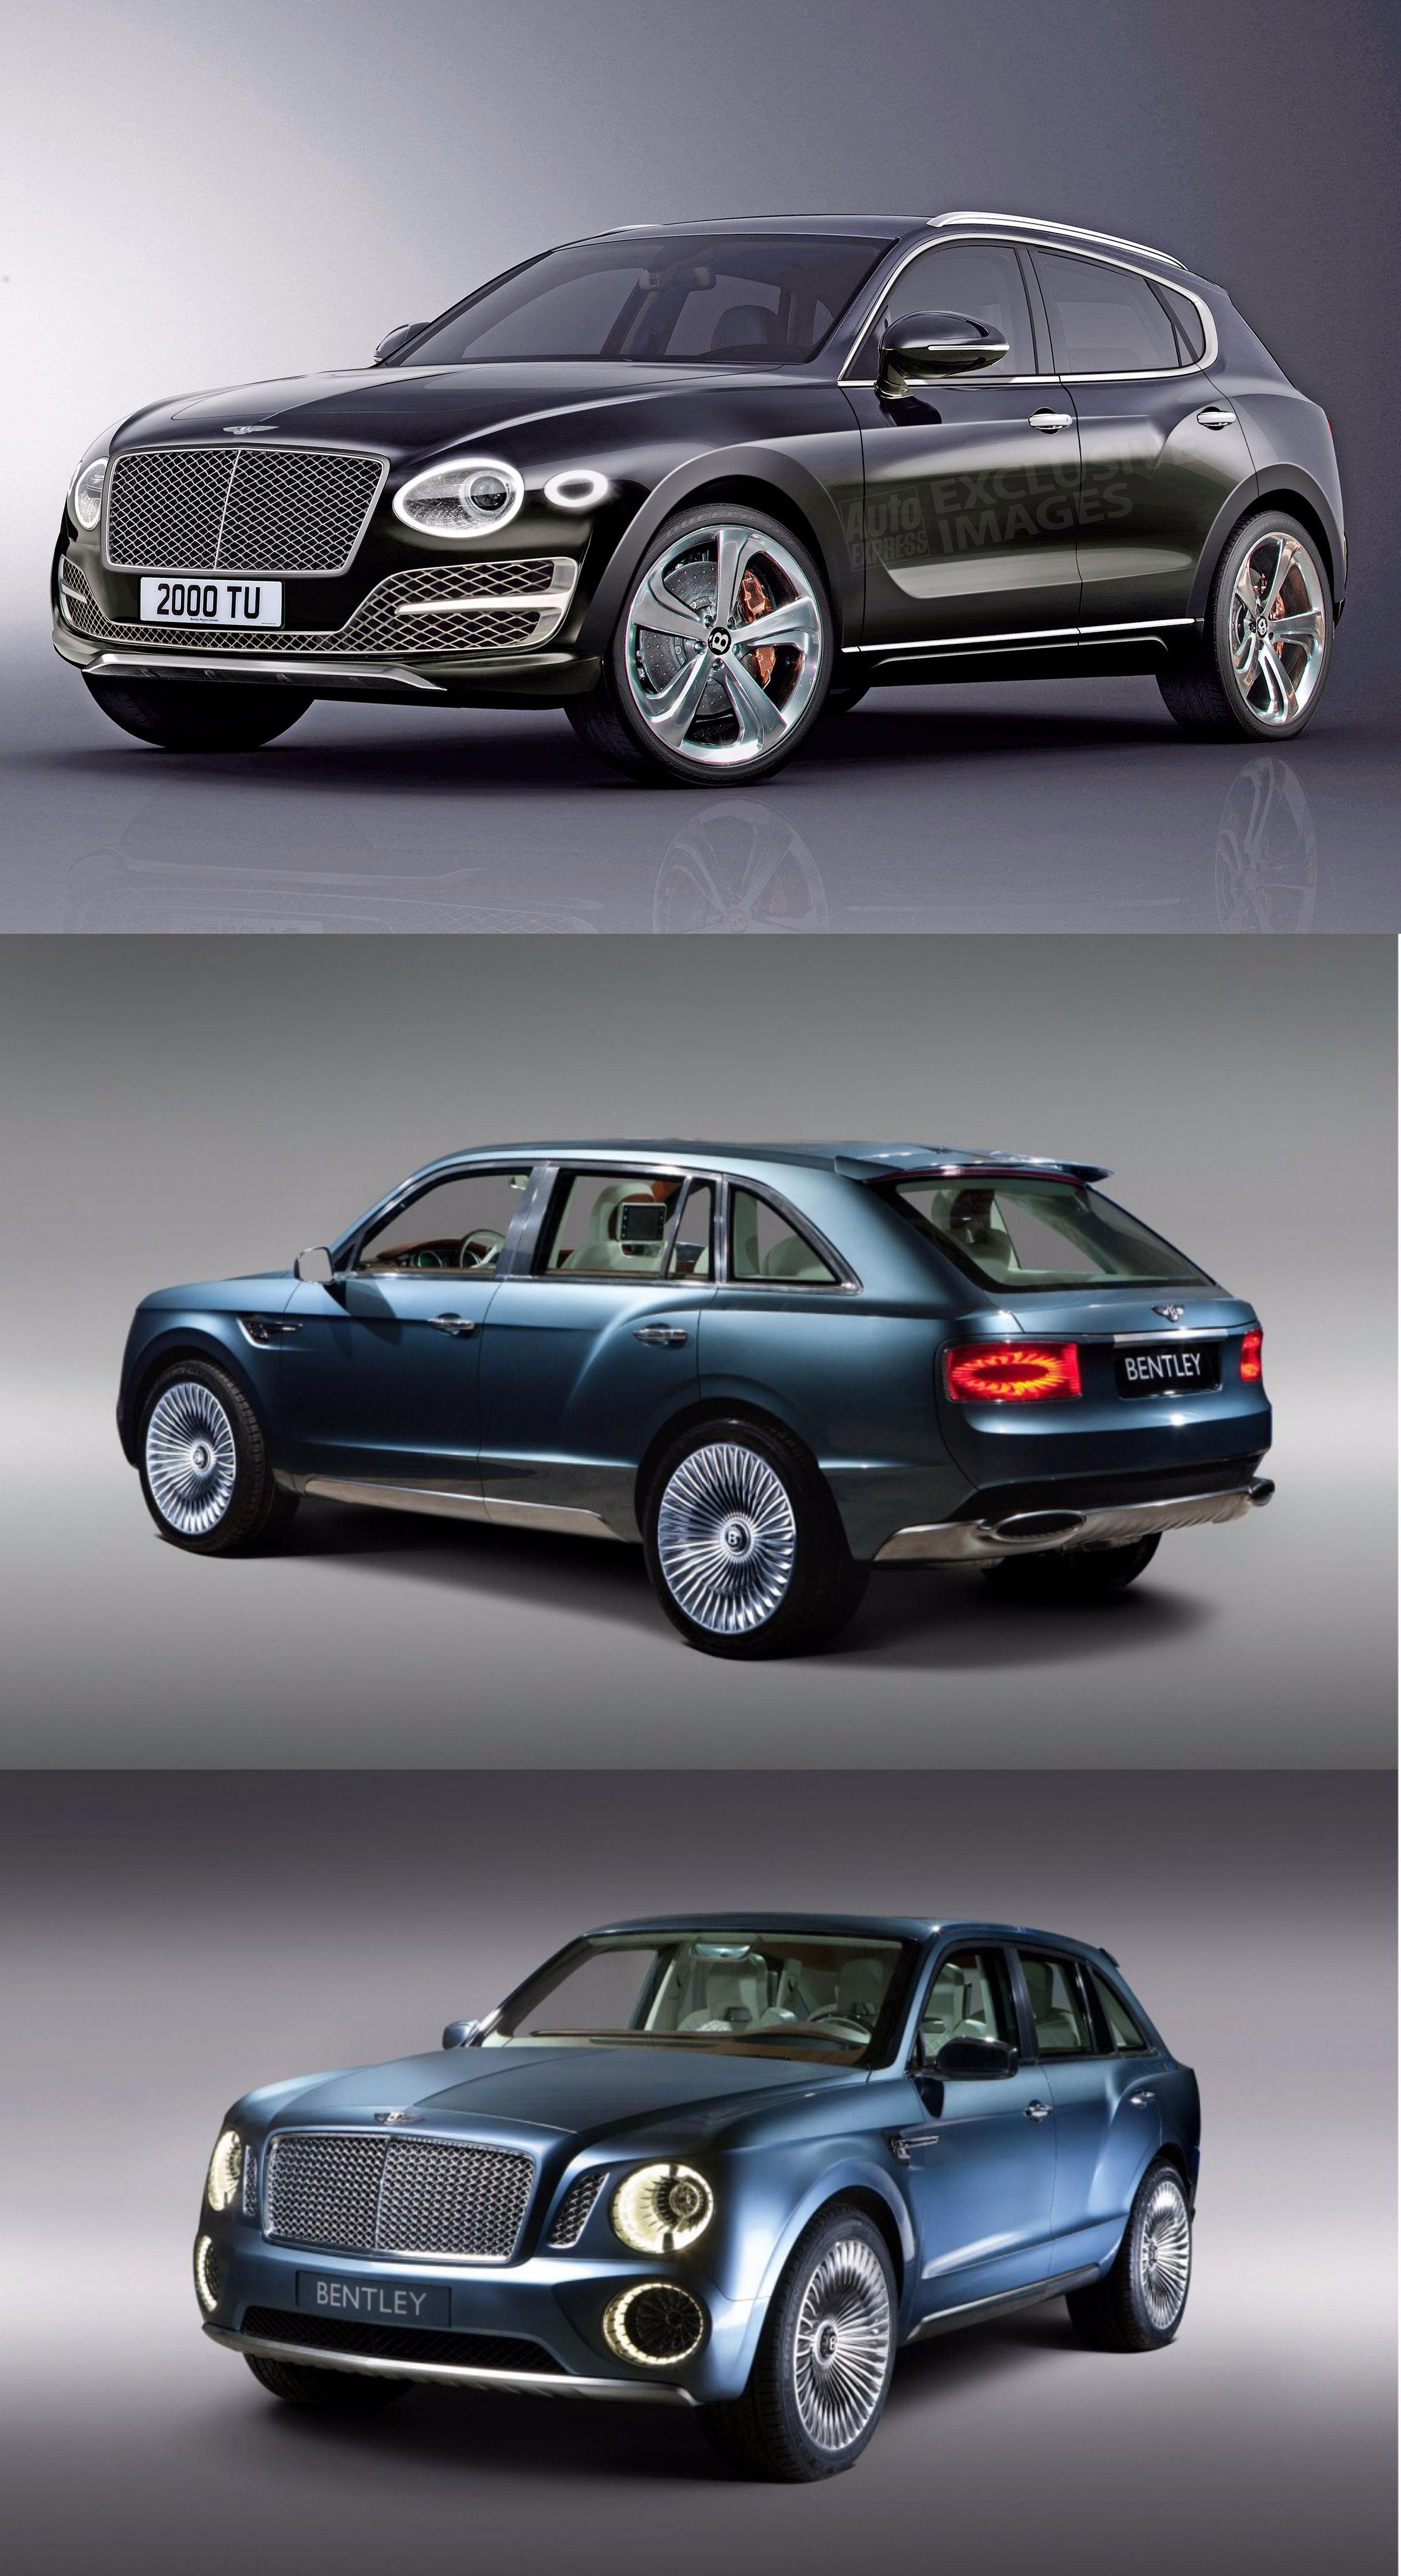 Bentley SUV Https://www.amazon.co.uk/Baby